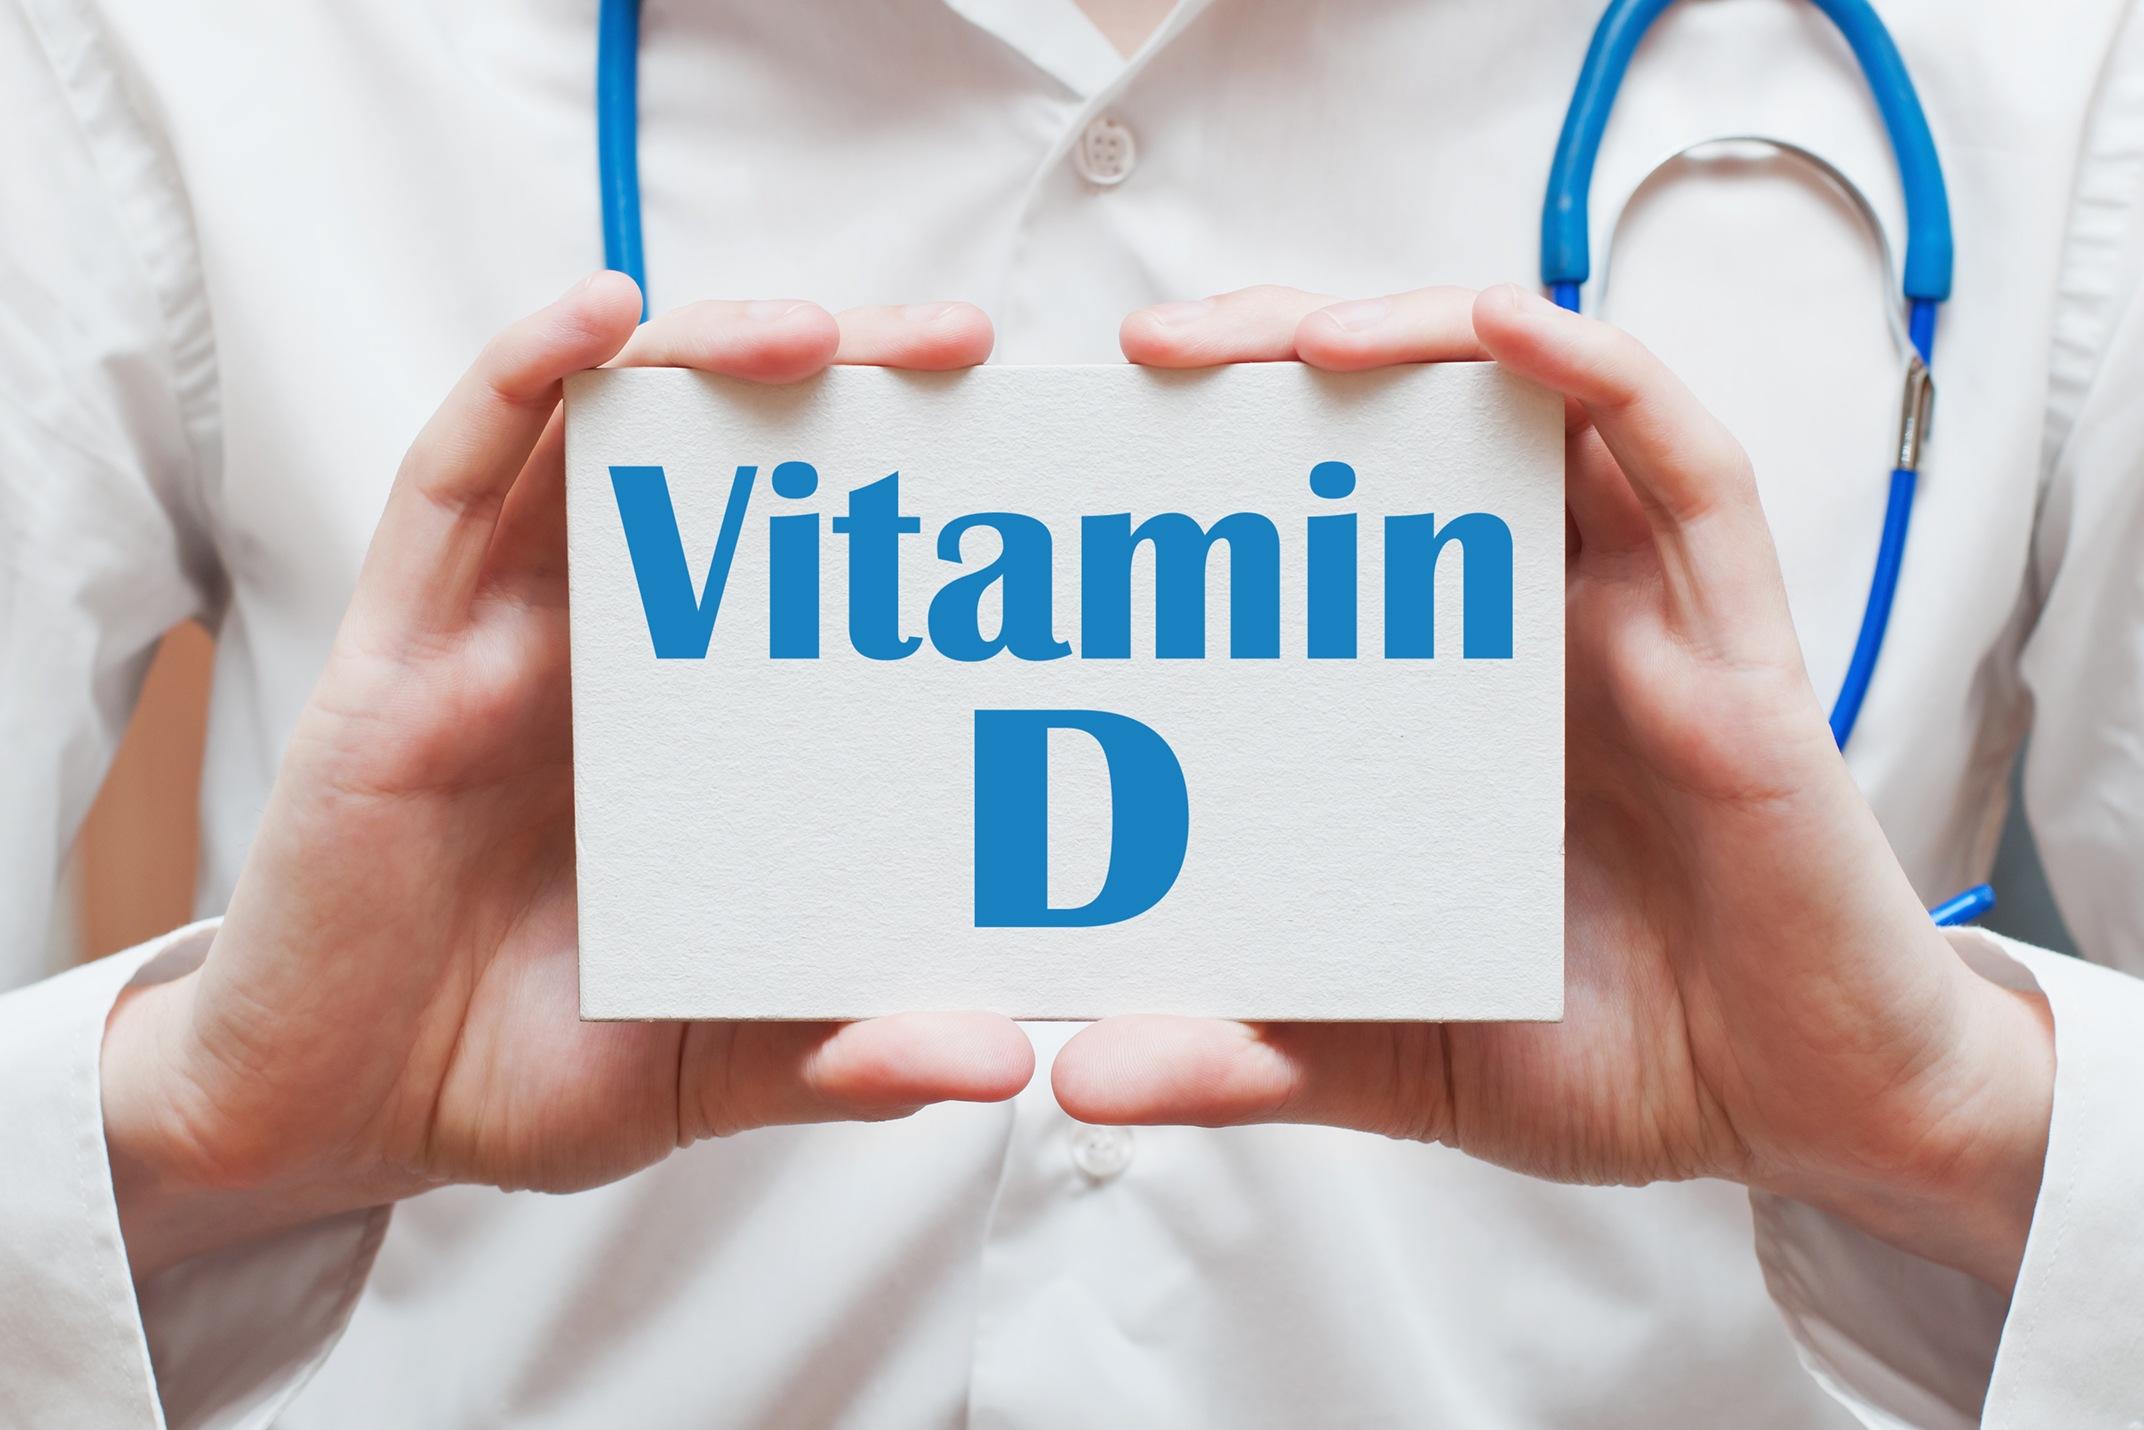 Suplementação de Vitamina D Melhora Os Níveis de Triglicérides